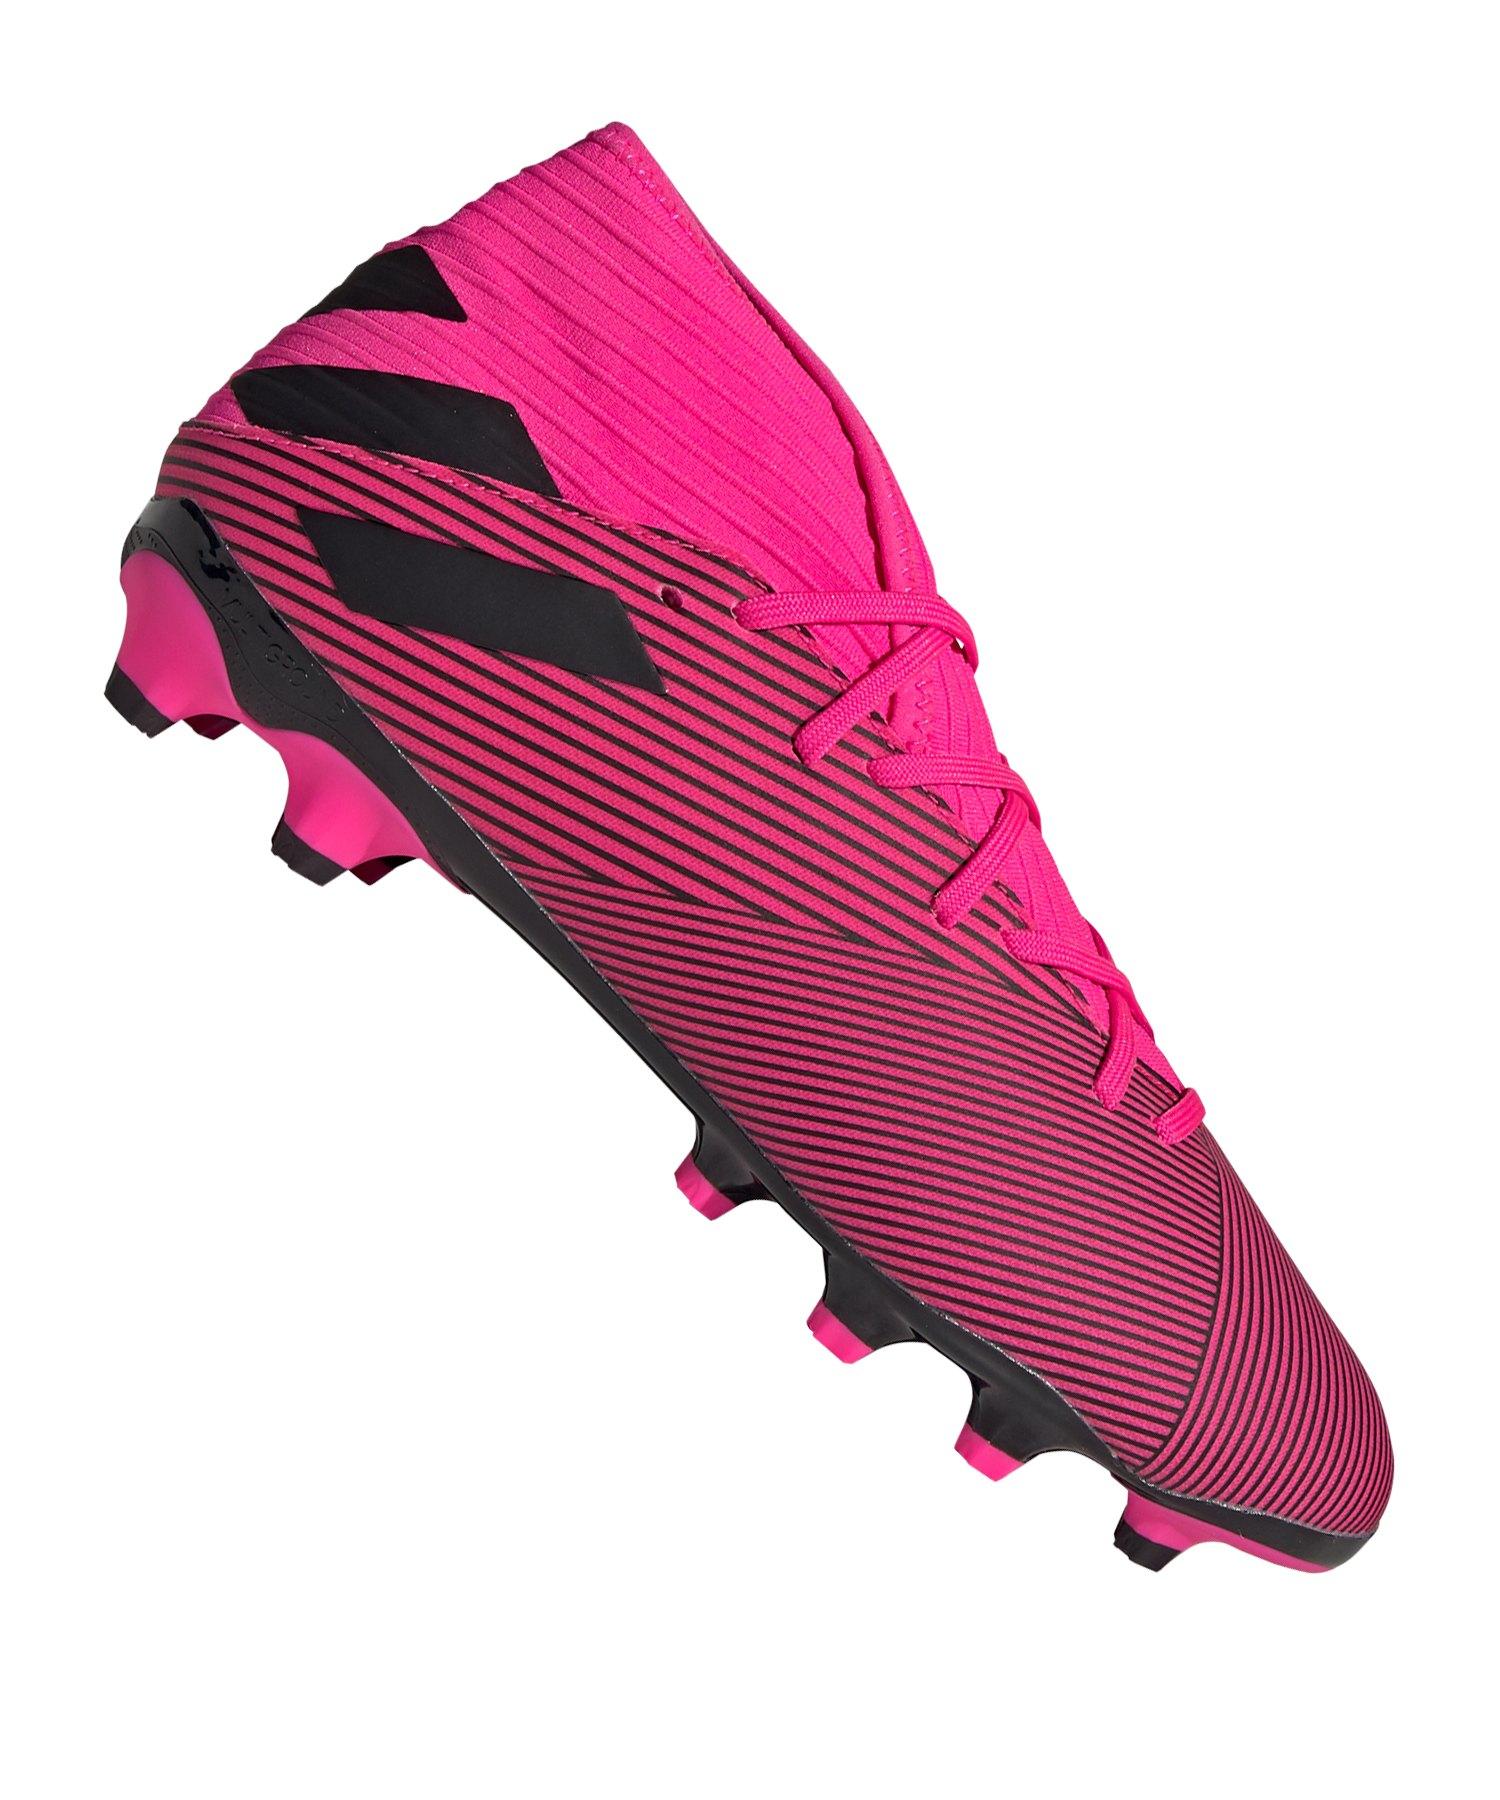 adidas NEMEZIZ 19.3 MG Pink - pink